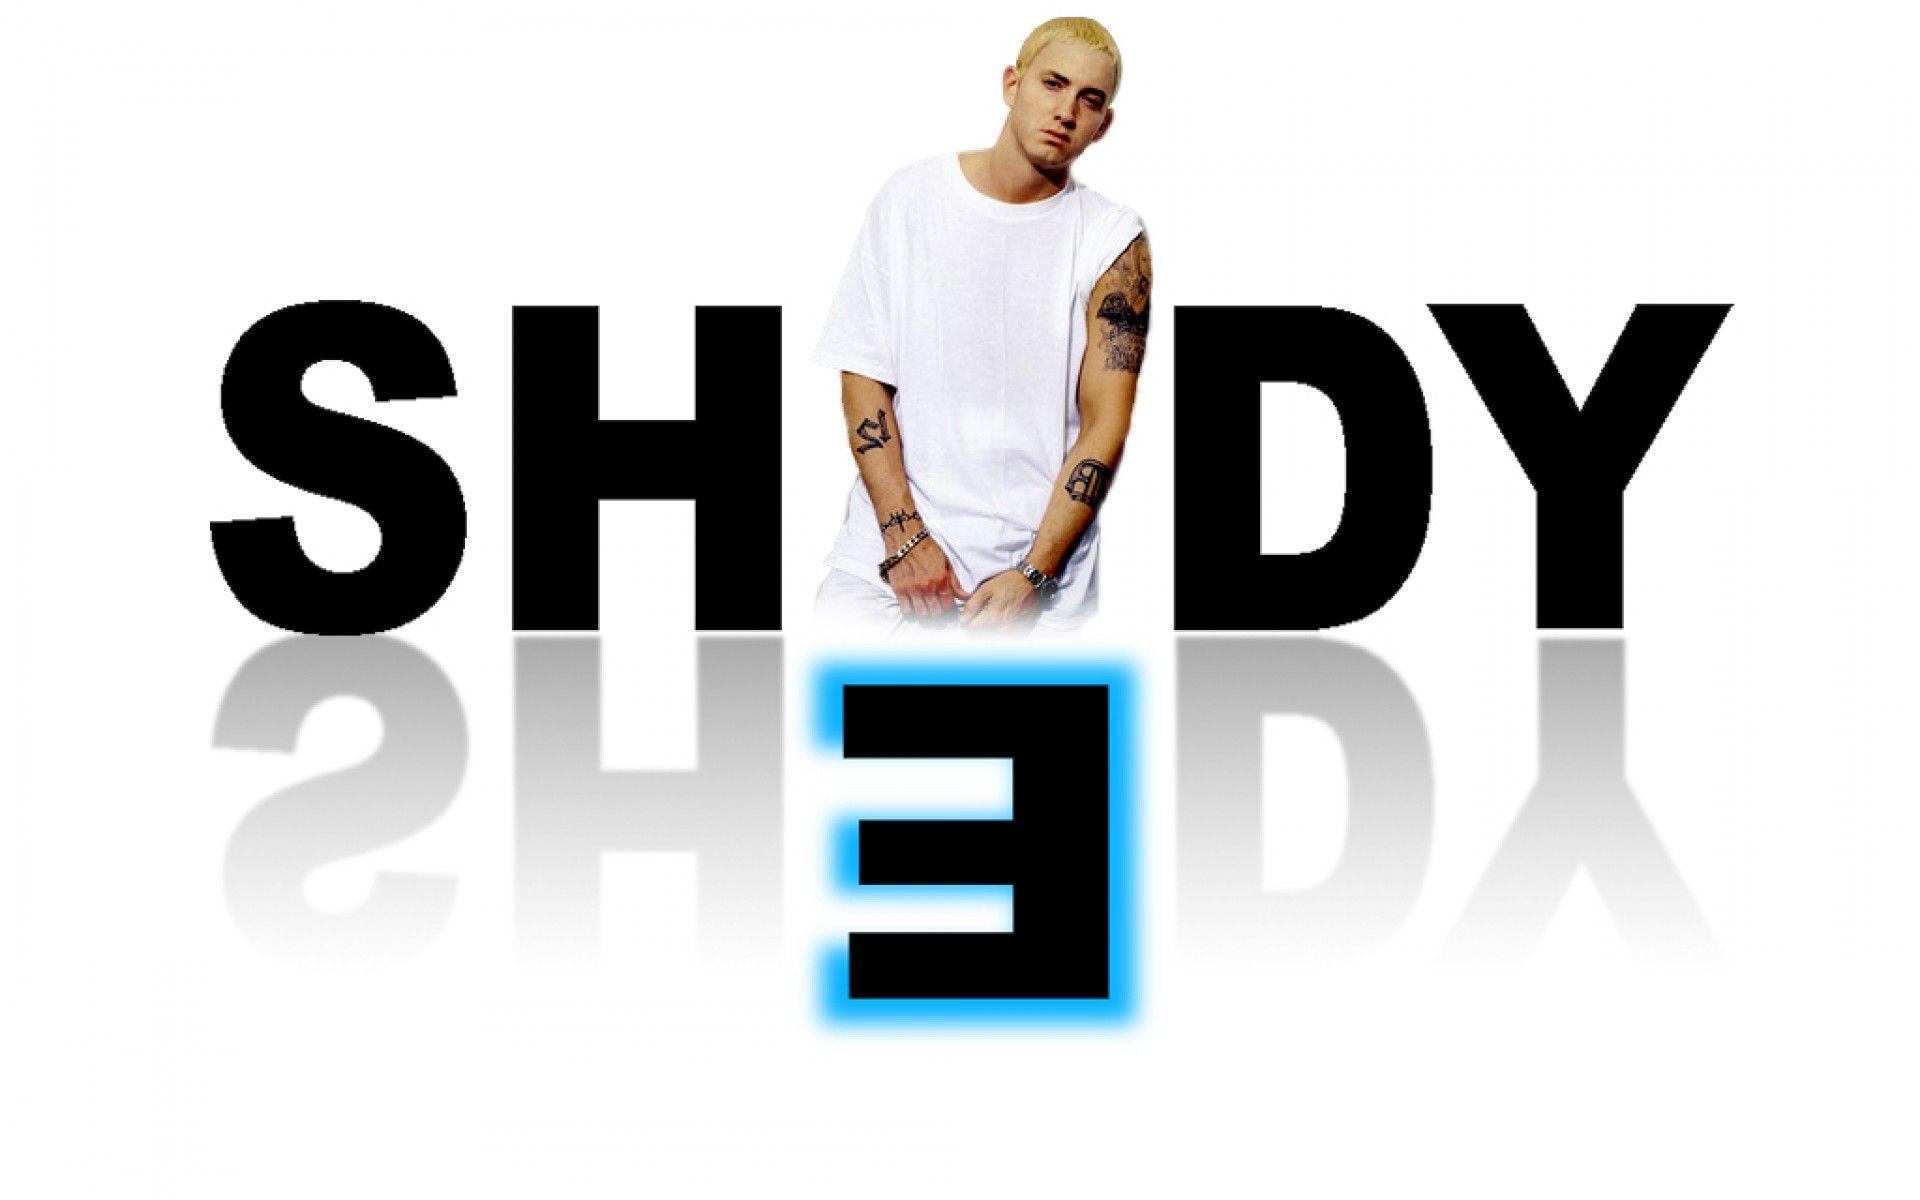 Eminem 23158 - Eminem Wallpaper